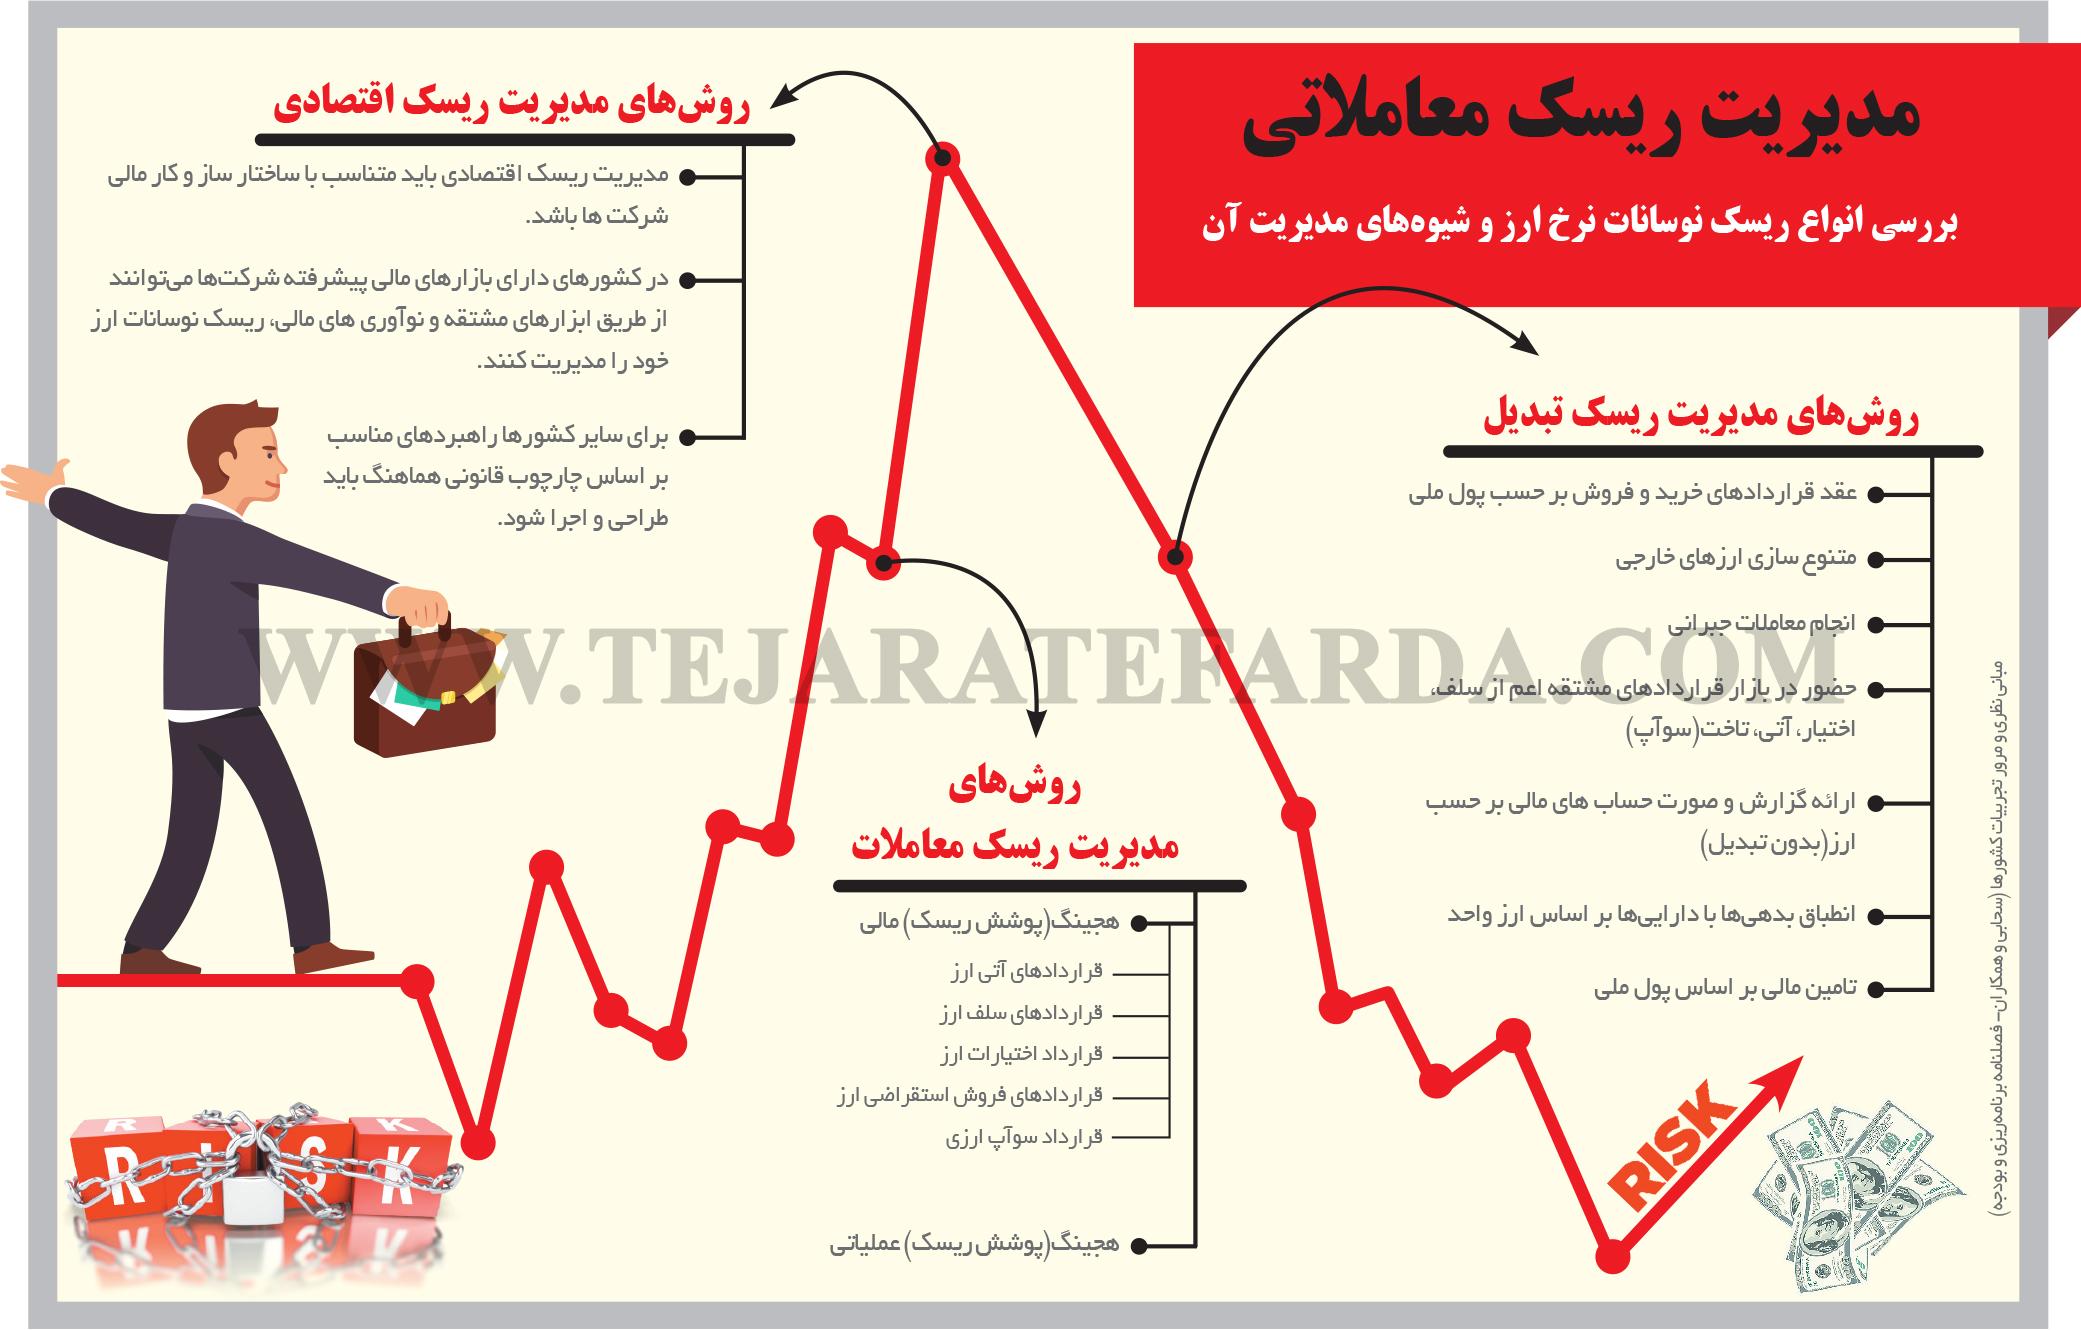 تجارت فردا- اینفوگرافیک- مدیریت ریسک معاملاتی